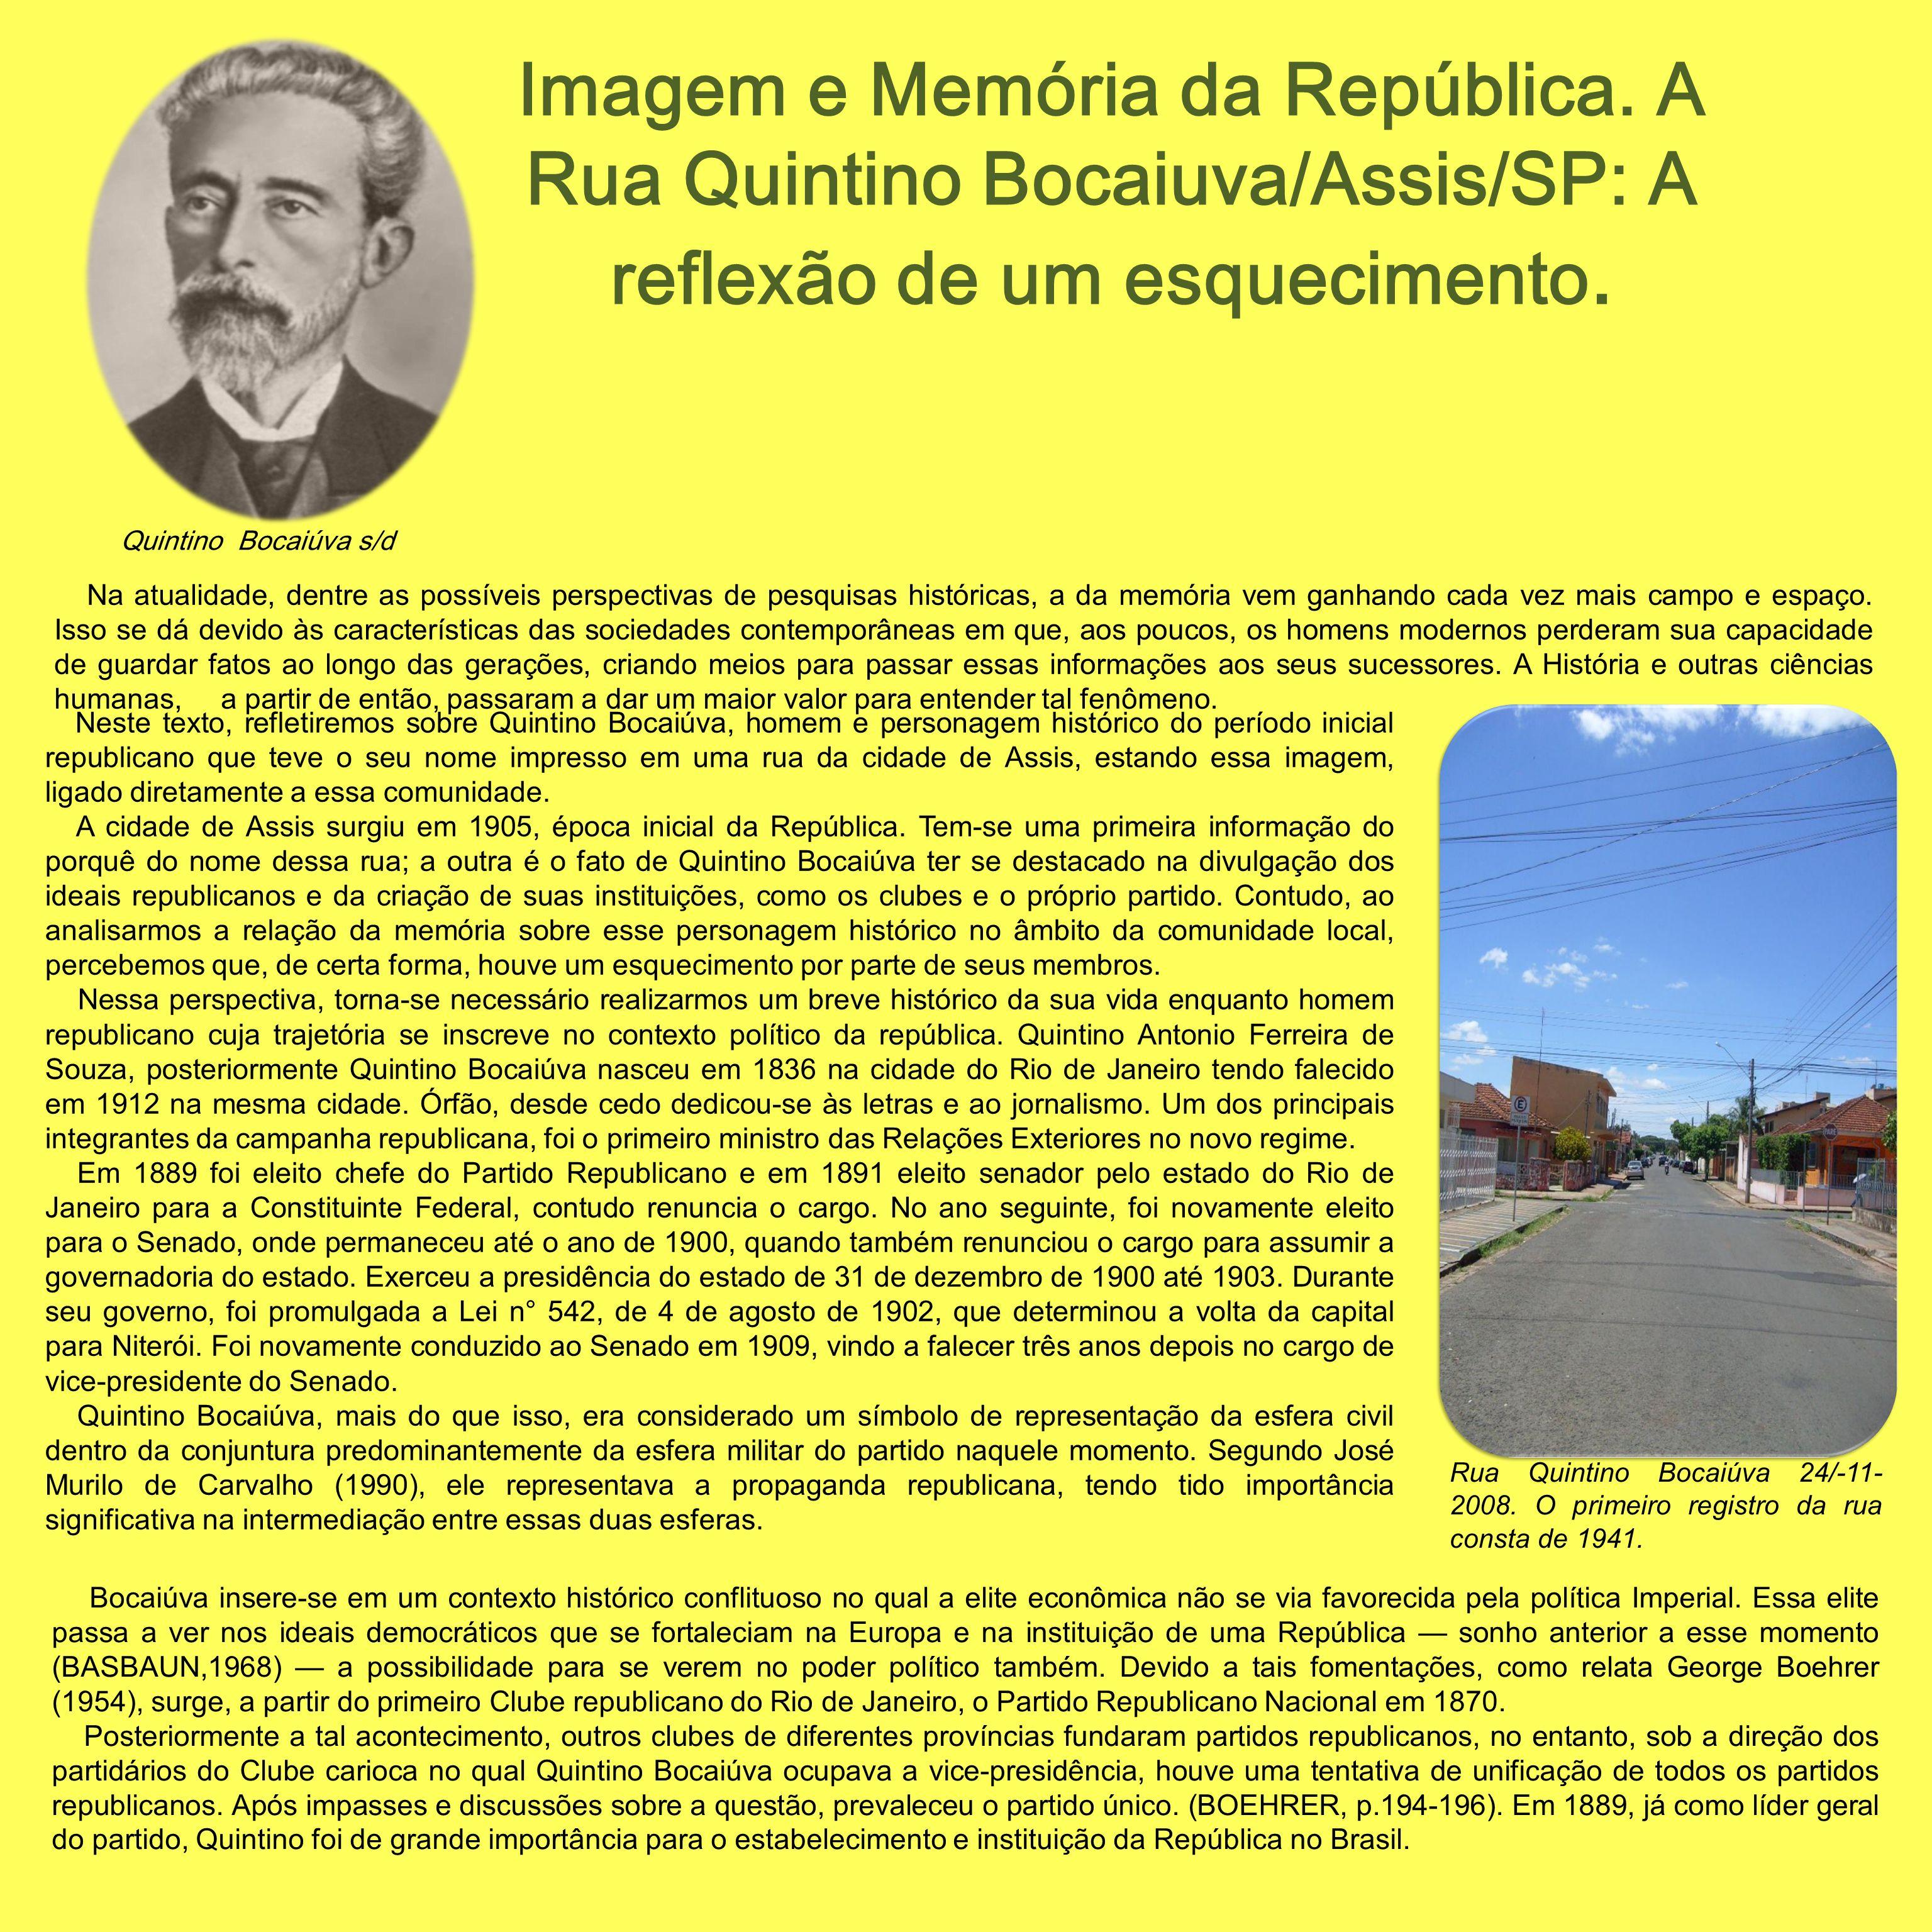 Imagem e Memória da República. A Rua Quintino Bocaiuva/Assis/SP: A reflexão de um esquecimento. Na atualidade, dentre as possíveis perspectivas de pes